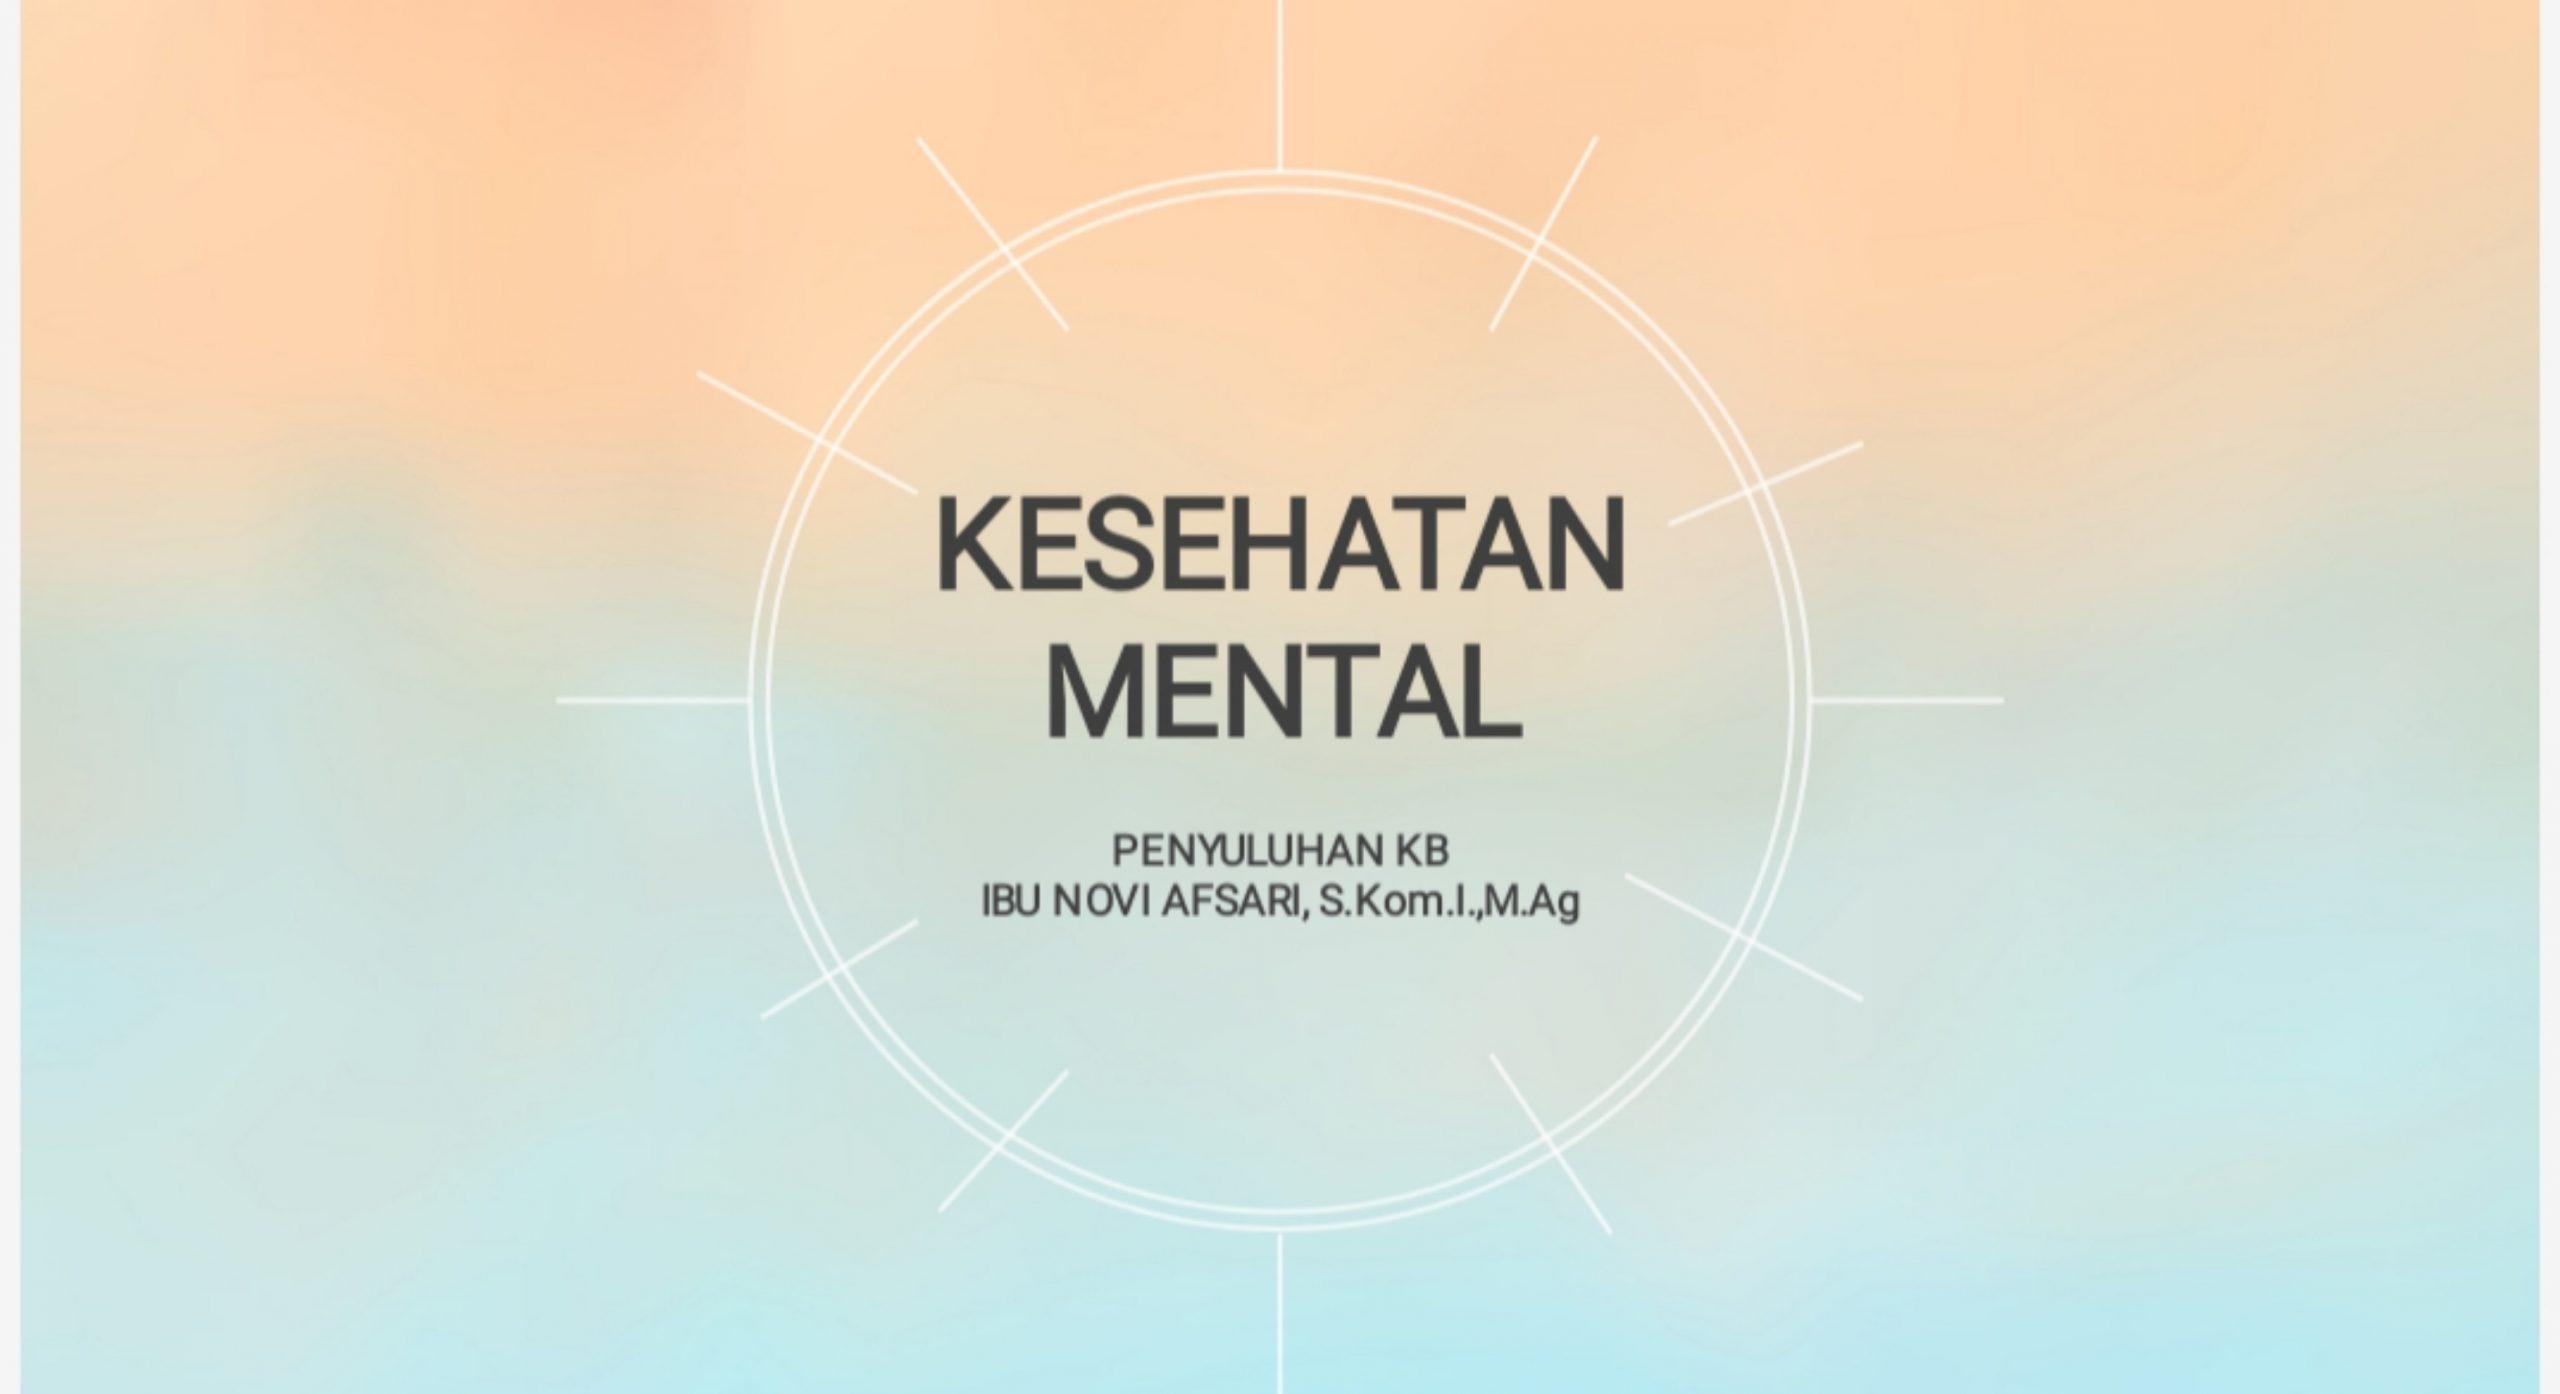 Kesehatan mental untuk remaja